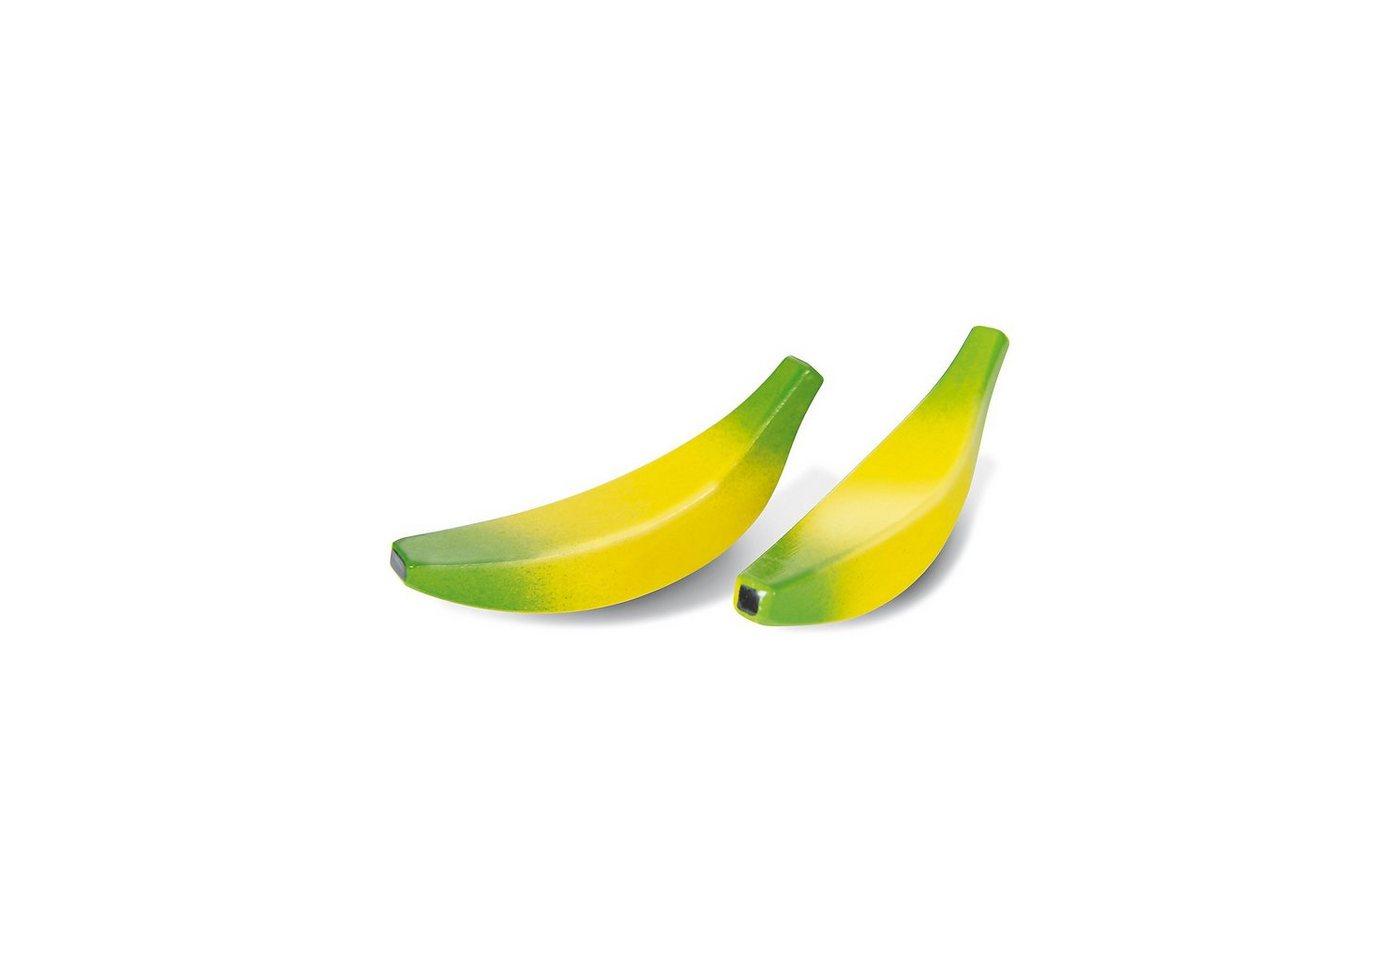 Nemmer Spiellebensmittel Bananen Set 2 Stück, Holz - Preisvergleich